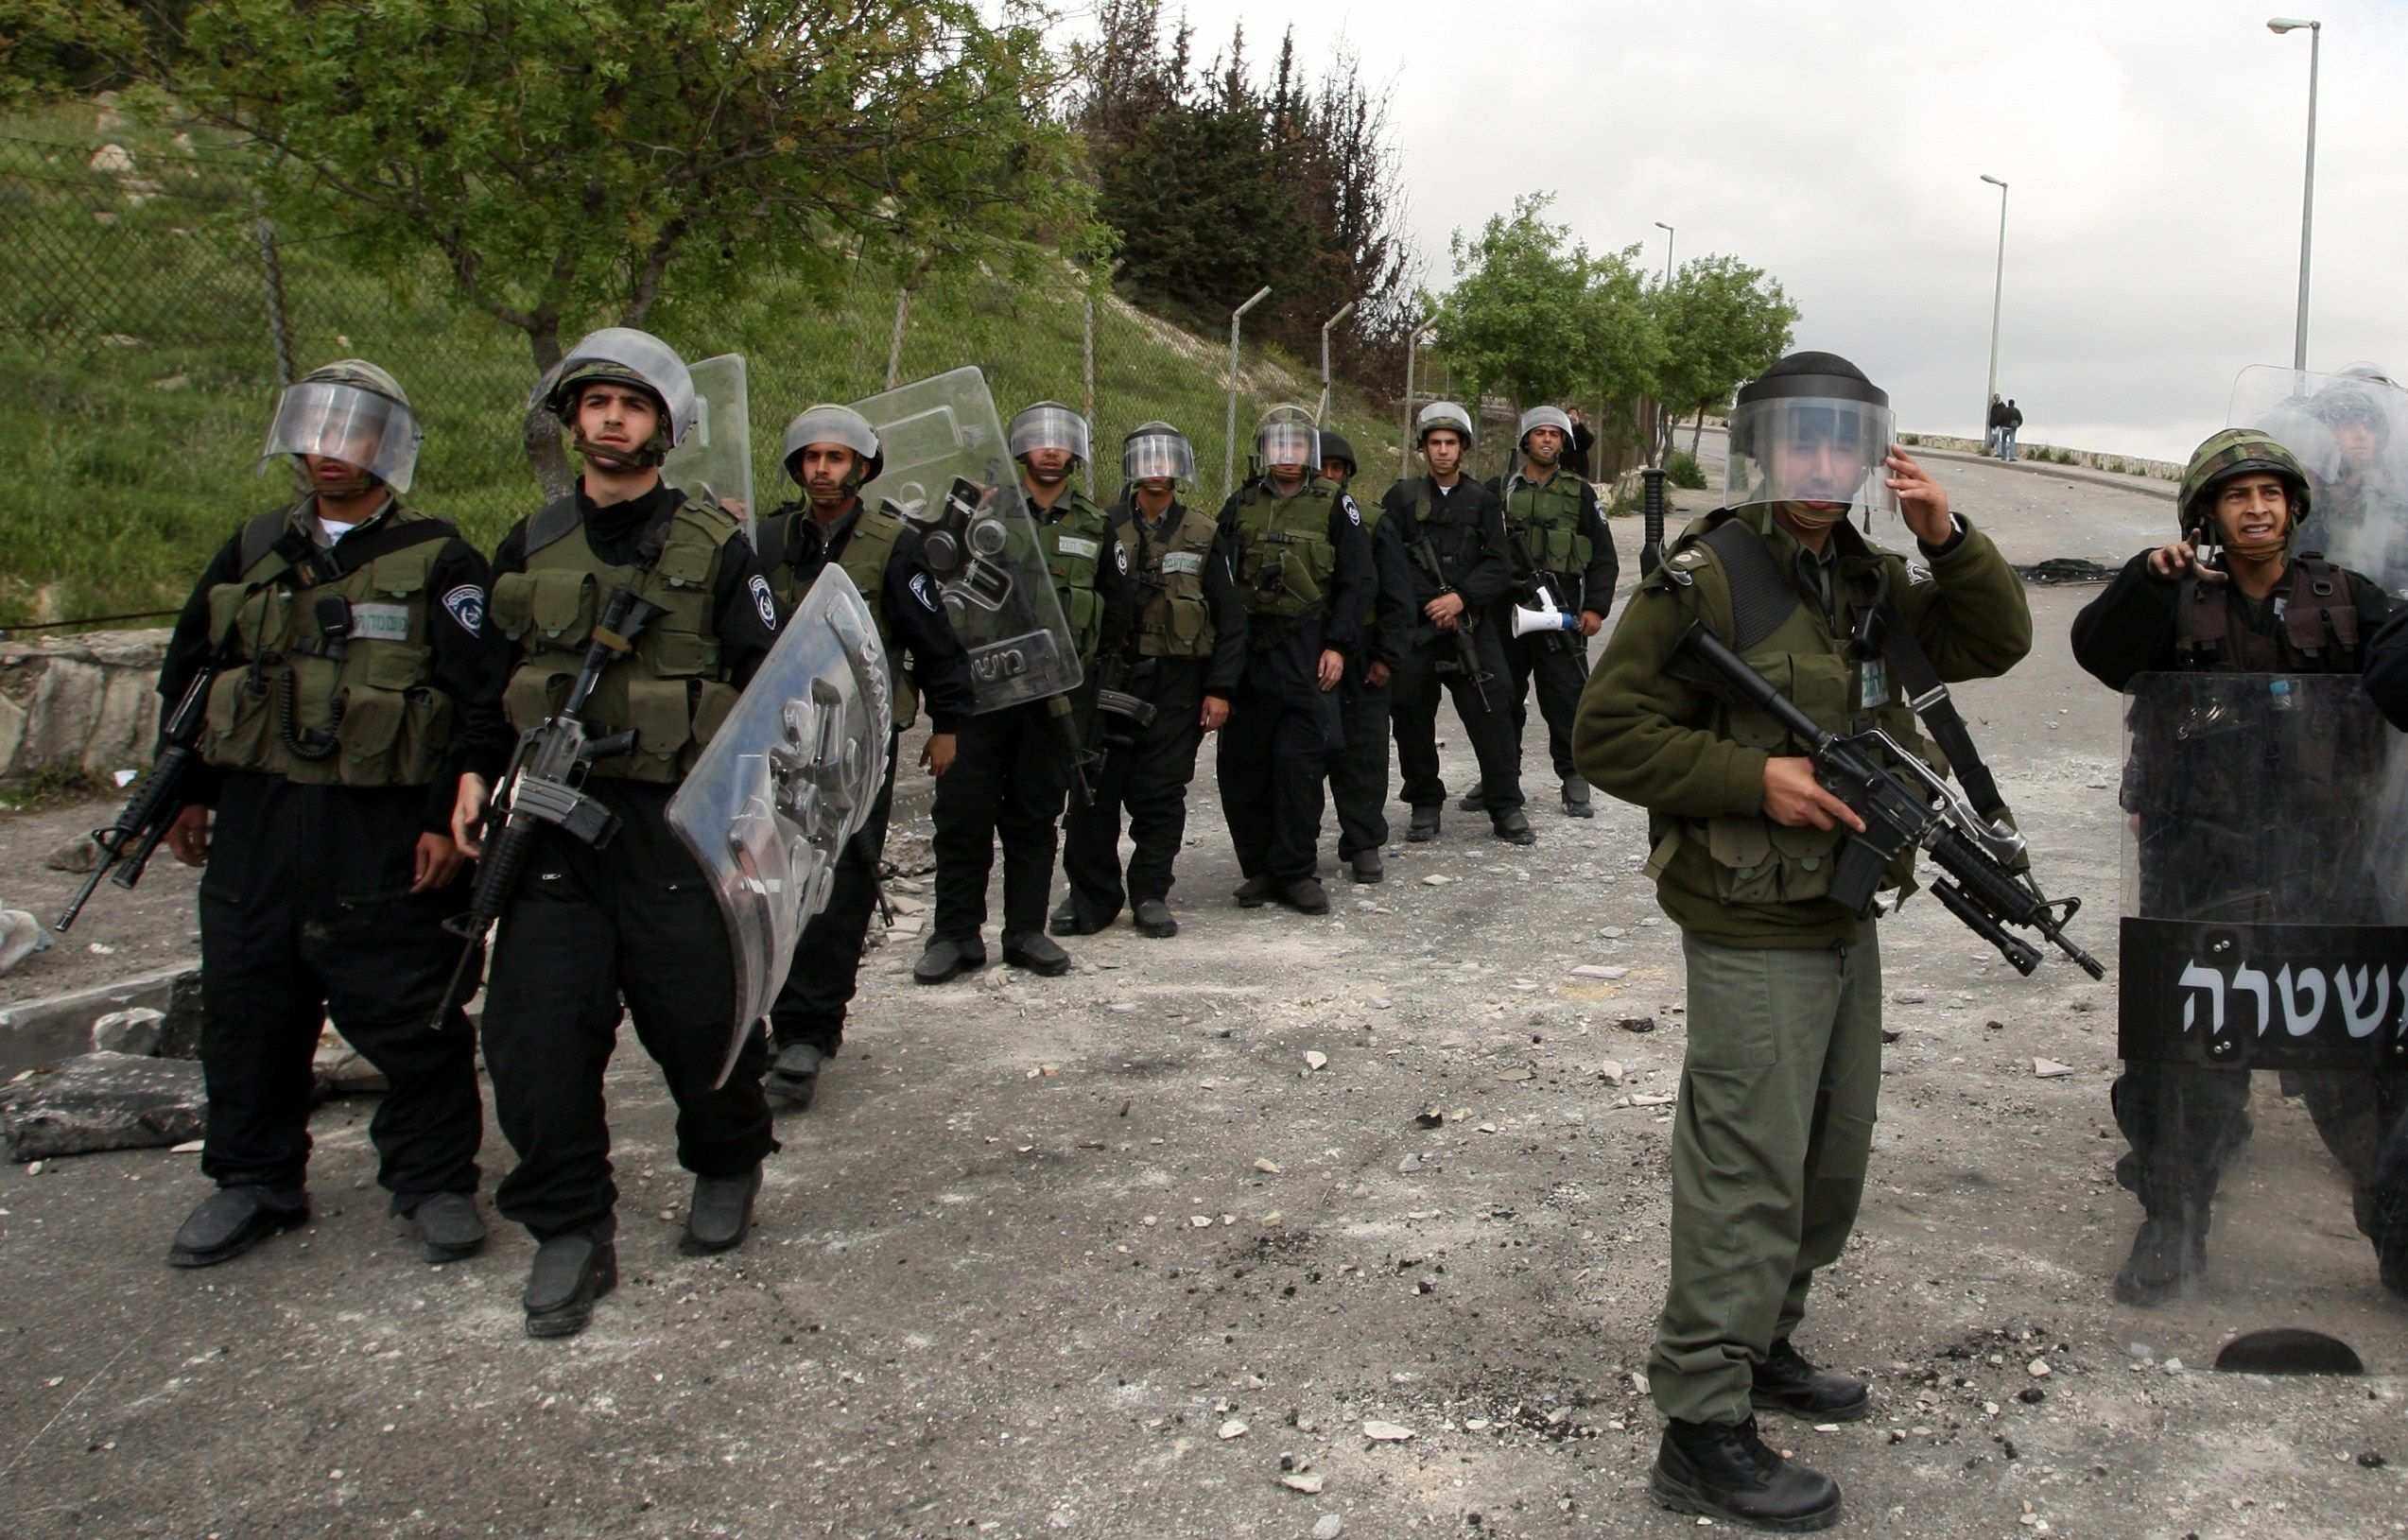 قوات الاحتلال تقتحم محافظة الخليل وتعتقل فلسطينيين